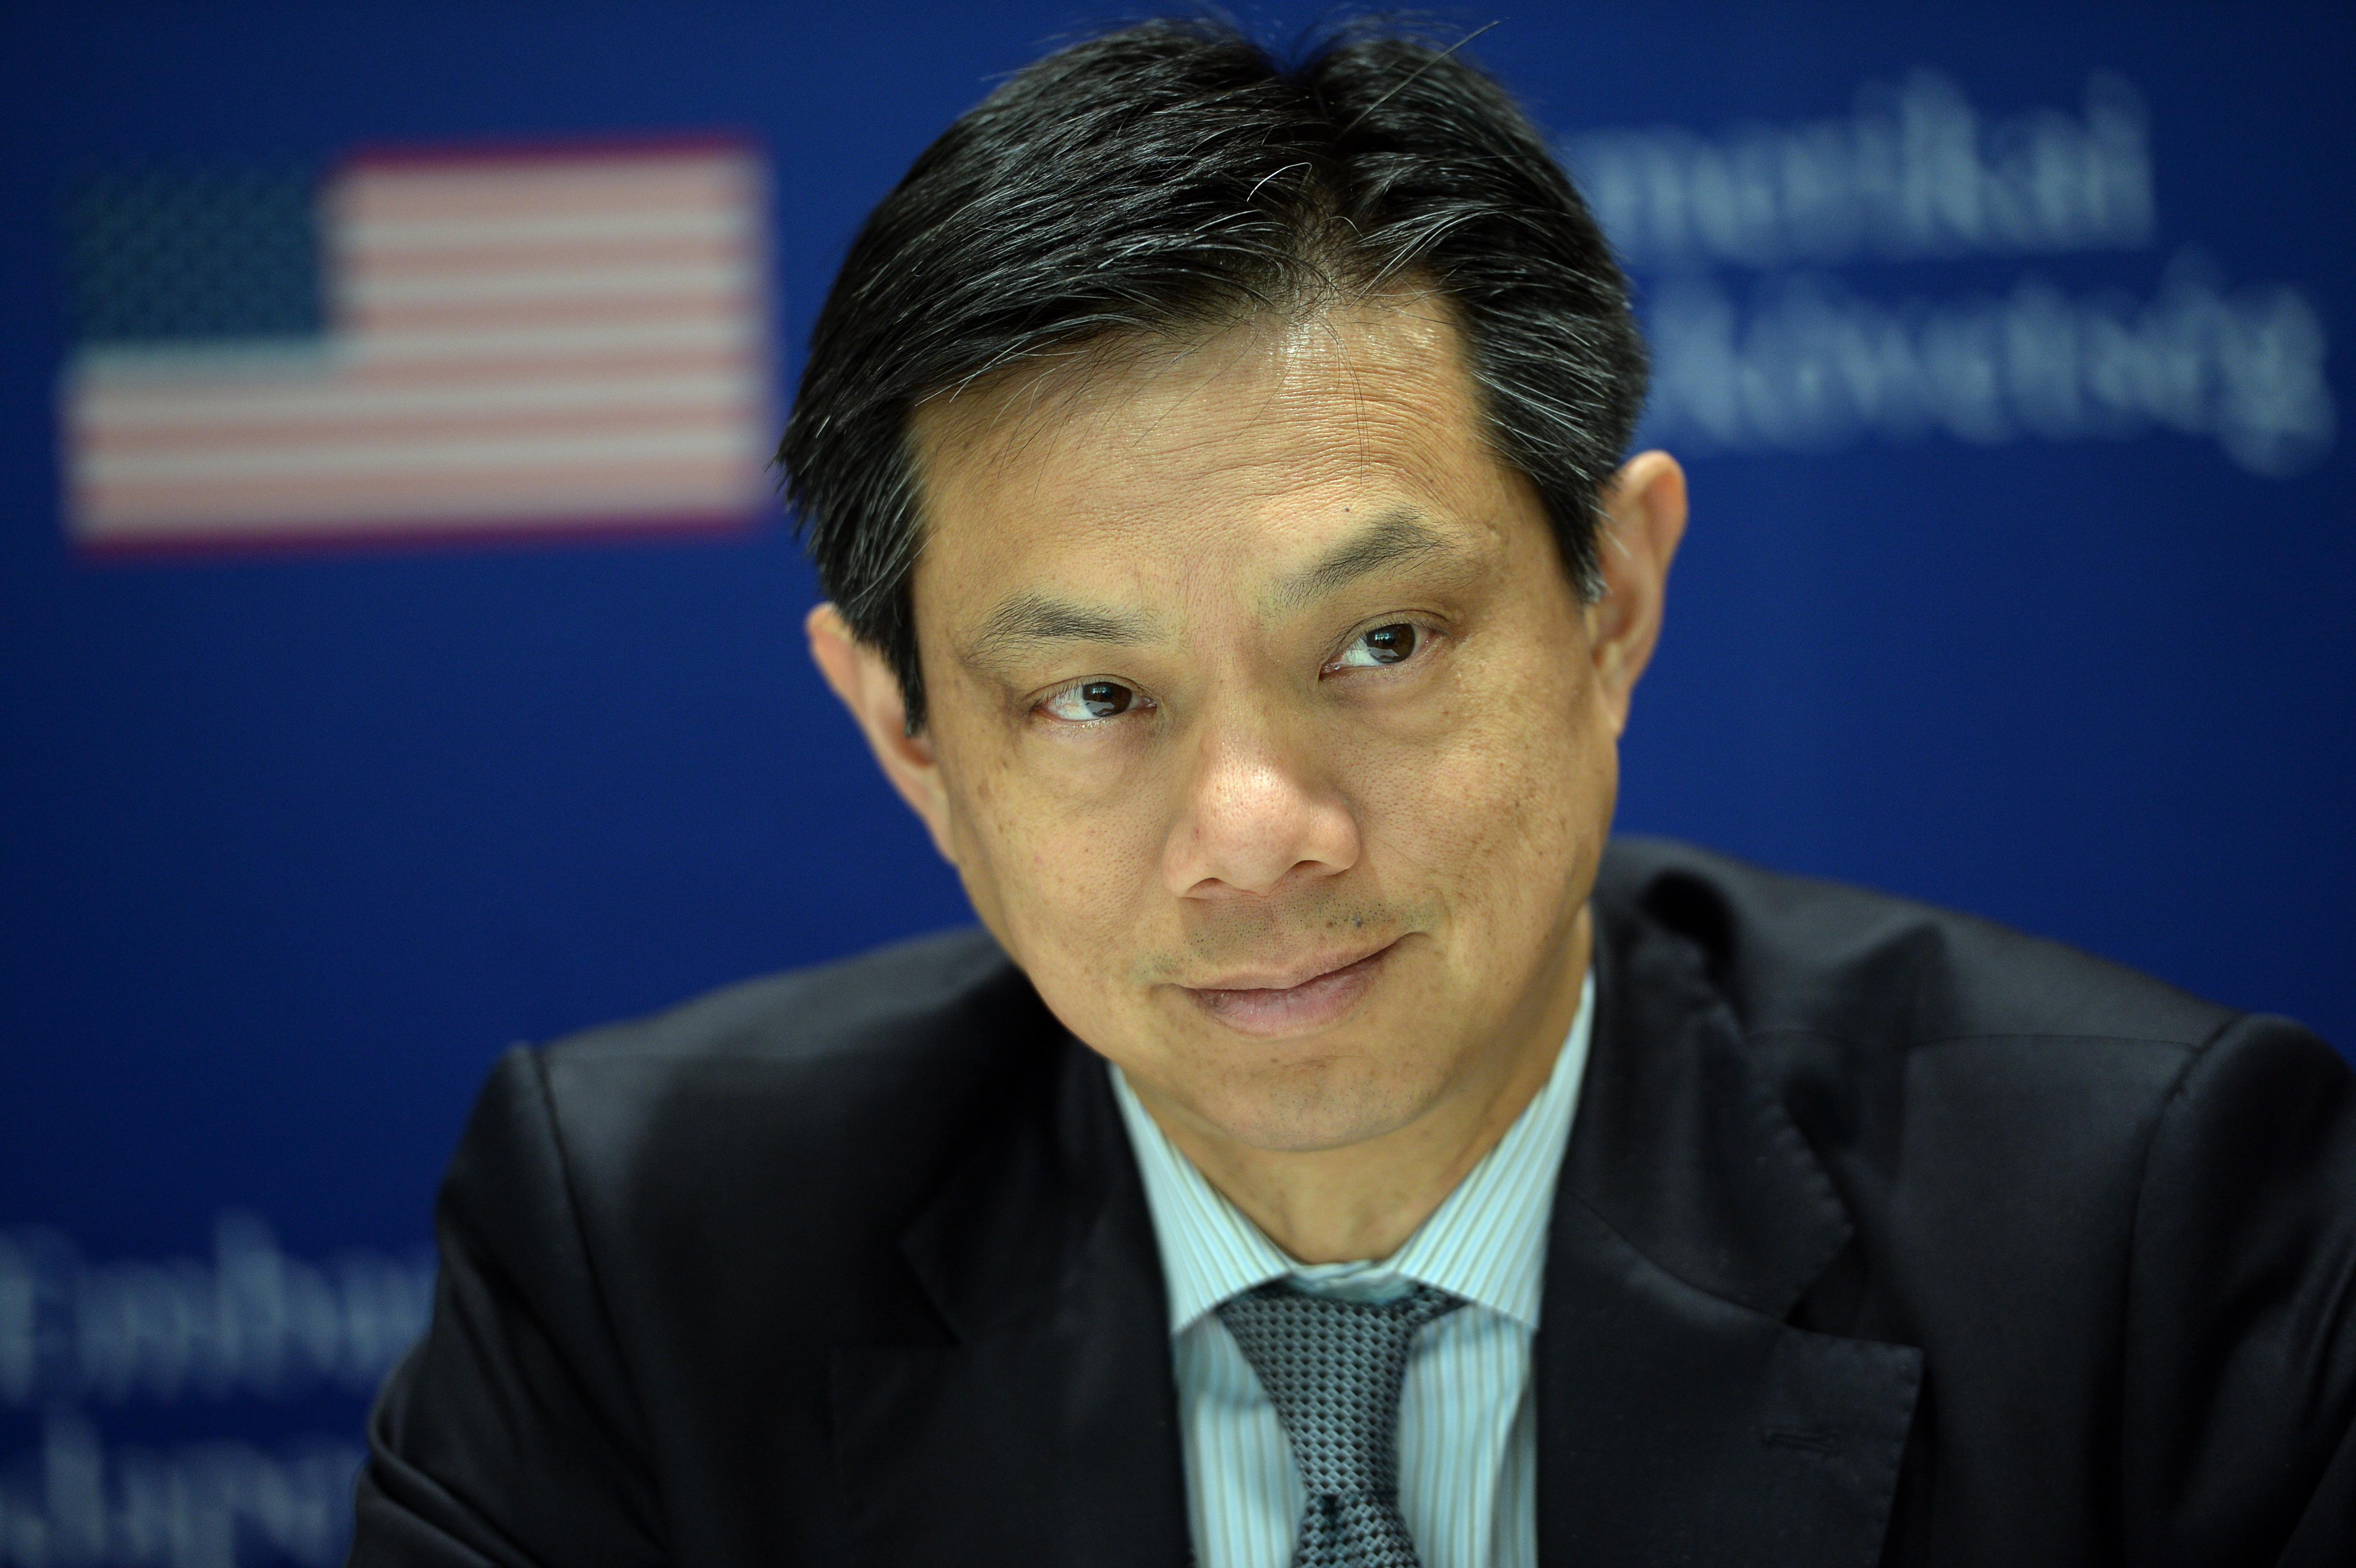 Az amerikai külügyminisztérium újra kifejezte aggodalmát a CEU-t kinyíró törvény miatt